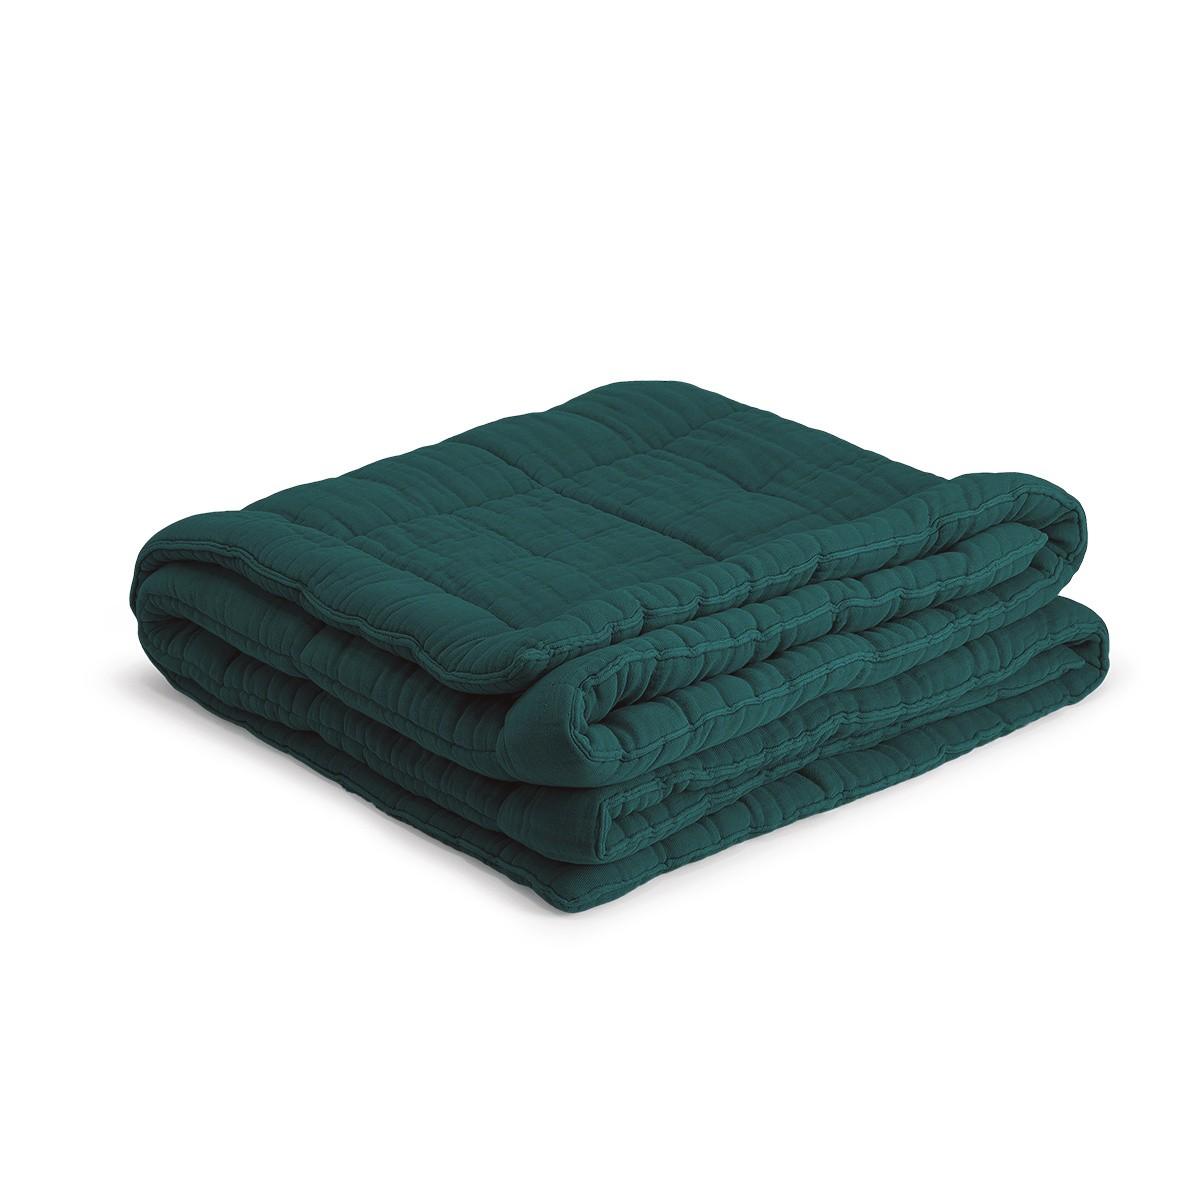 Fir Green Nido Quilt